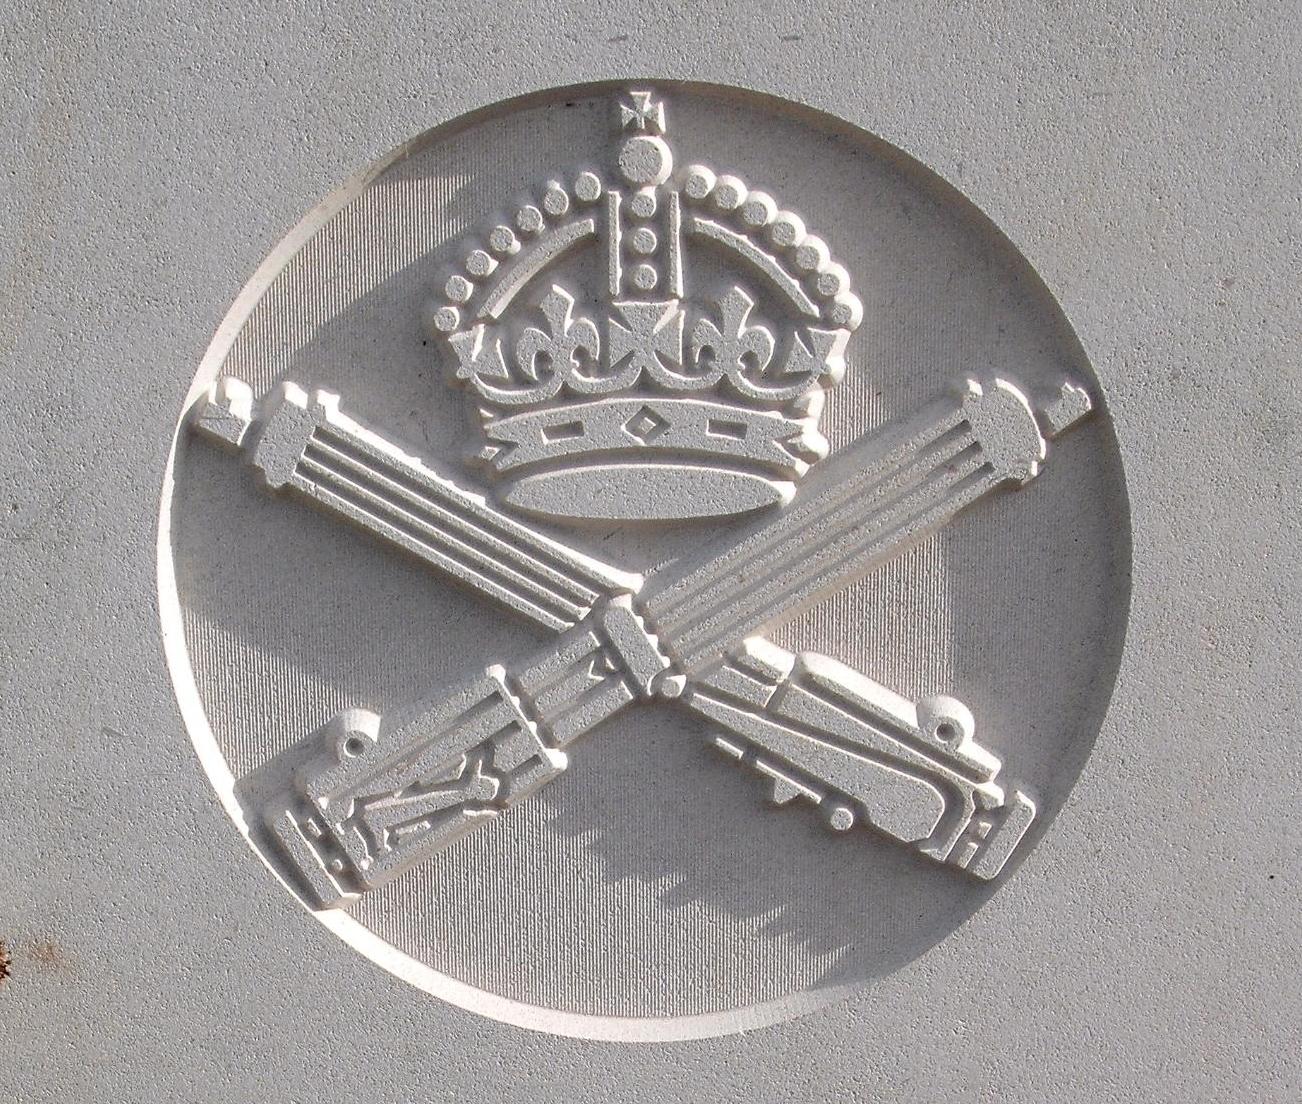 Capbadge of the Machine Gun Corps